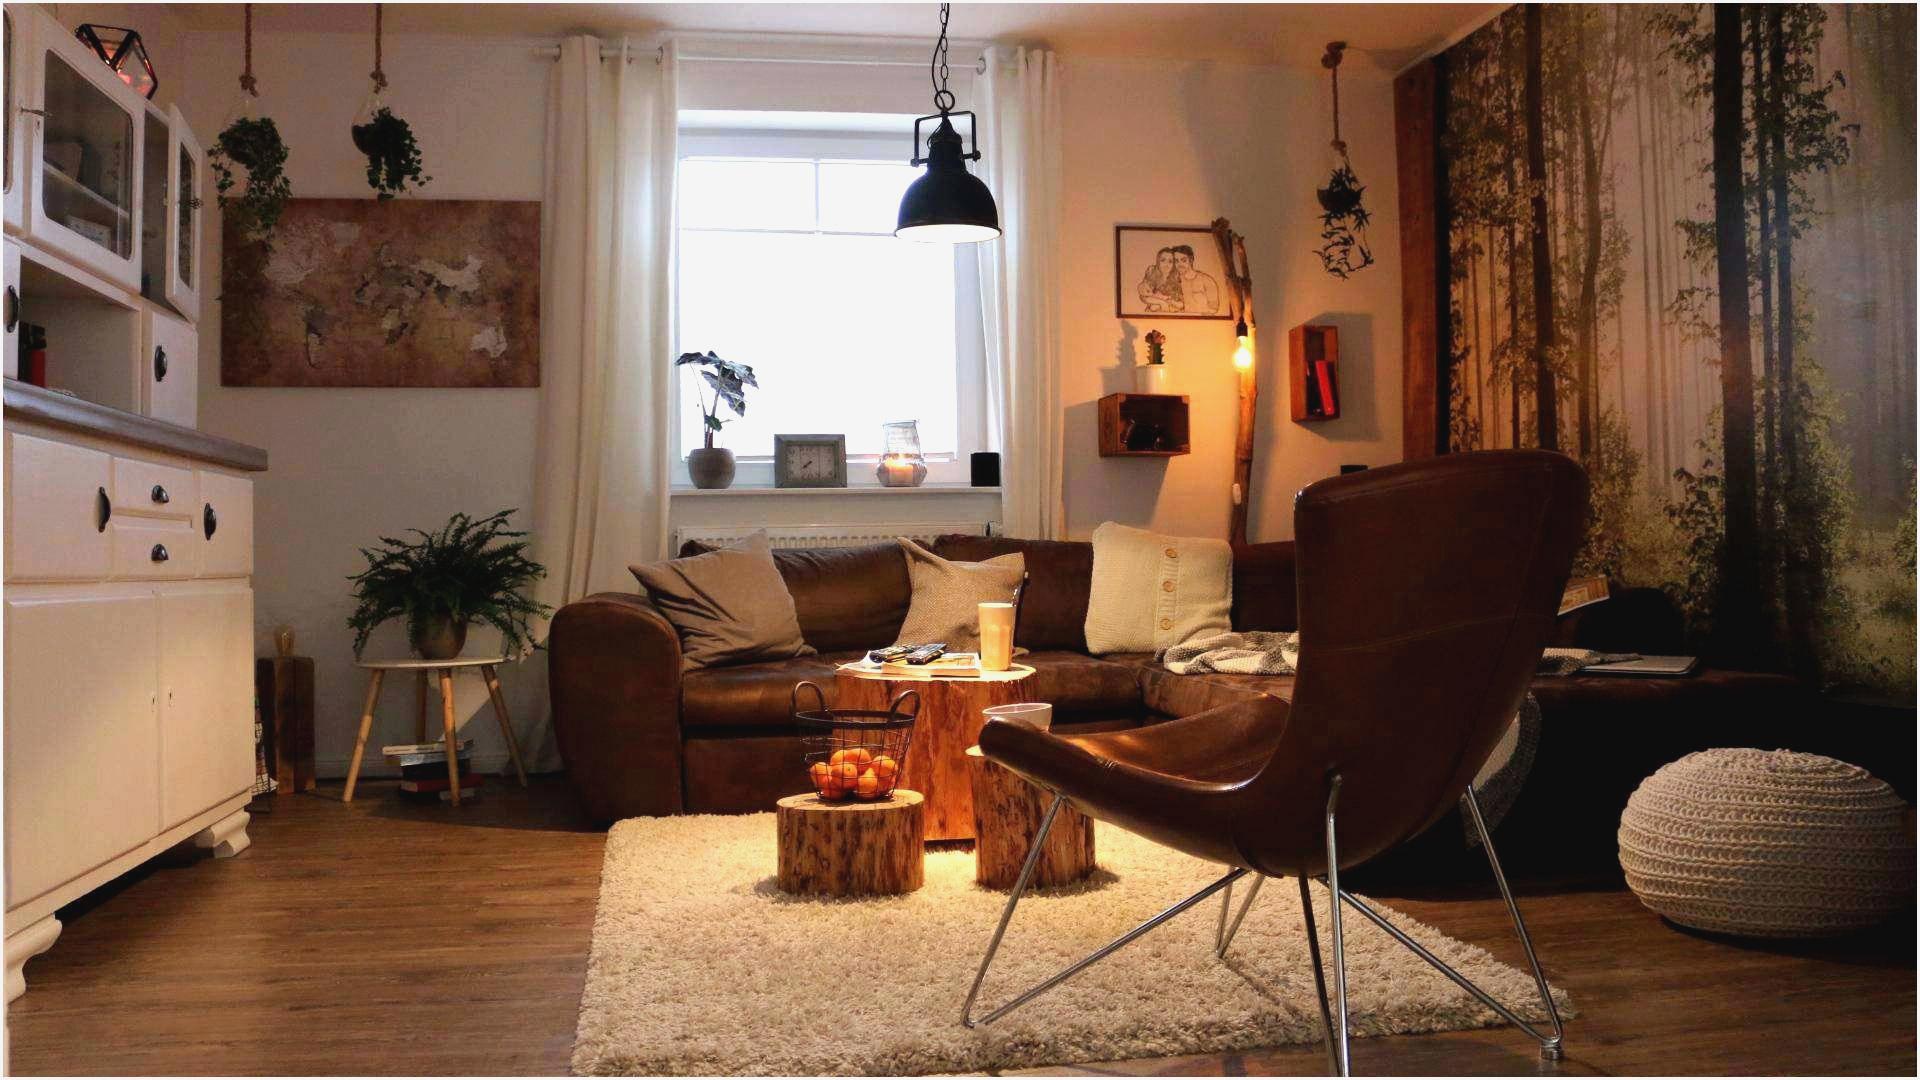 Full Size of Deckenlampen Ideen Deckenlampe Wohnzimmer Schlafzimmer Passend Zu Braunen Mbeln Für Modern Bad Renovieren Tapeten Wohnzimmer Deckenlampen Ideen